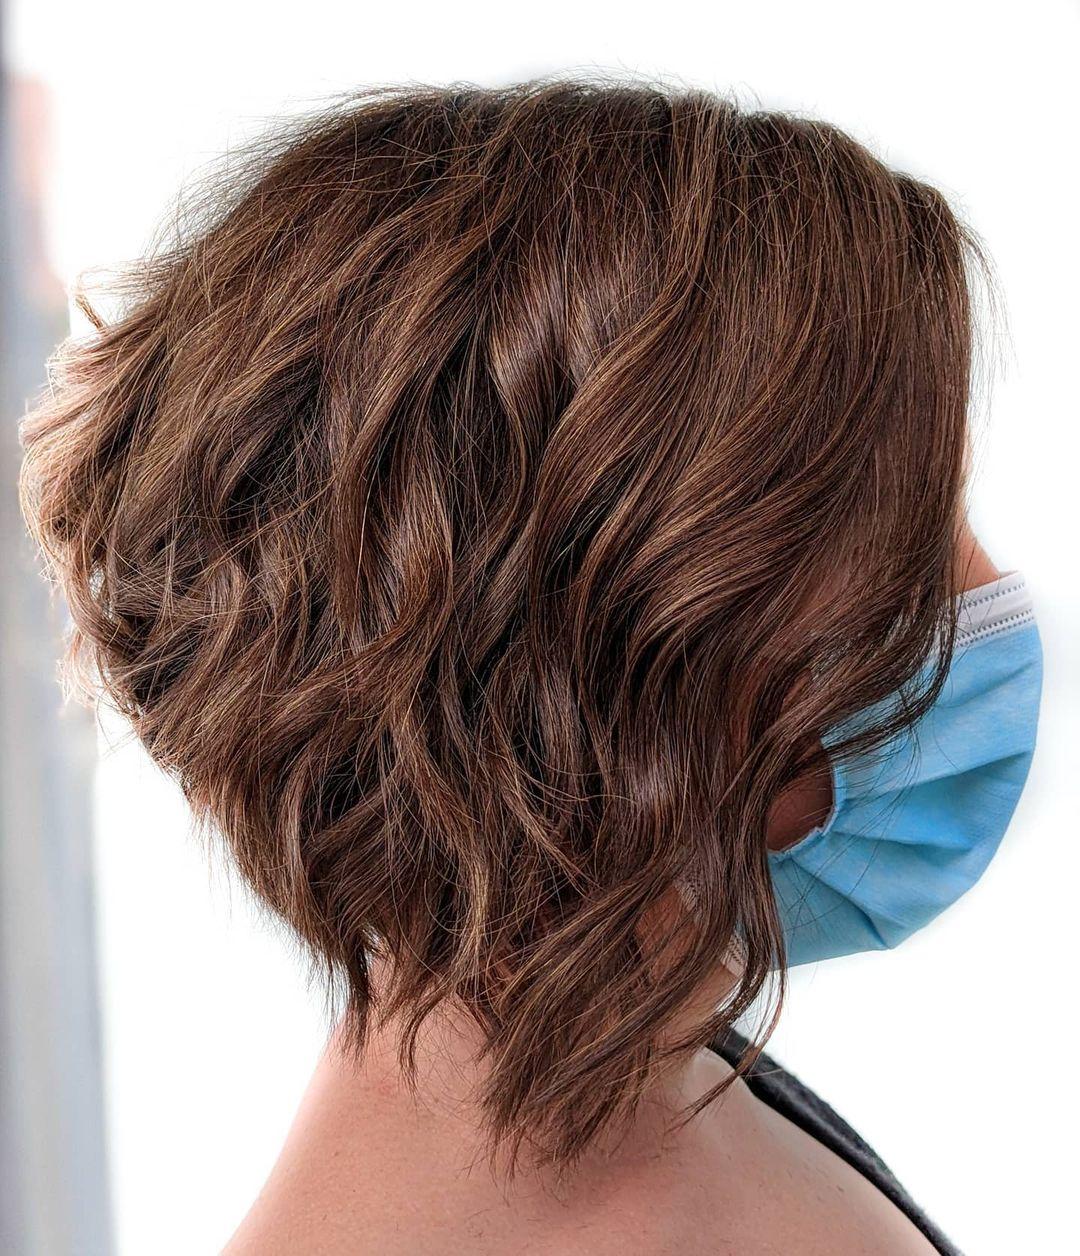 Corte texturizado marrón moca para cabello grueso